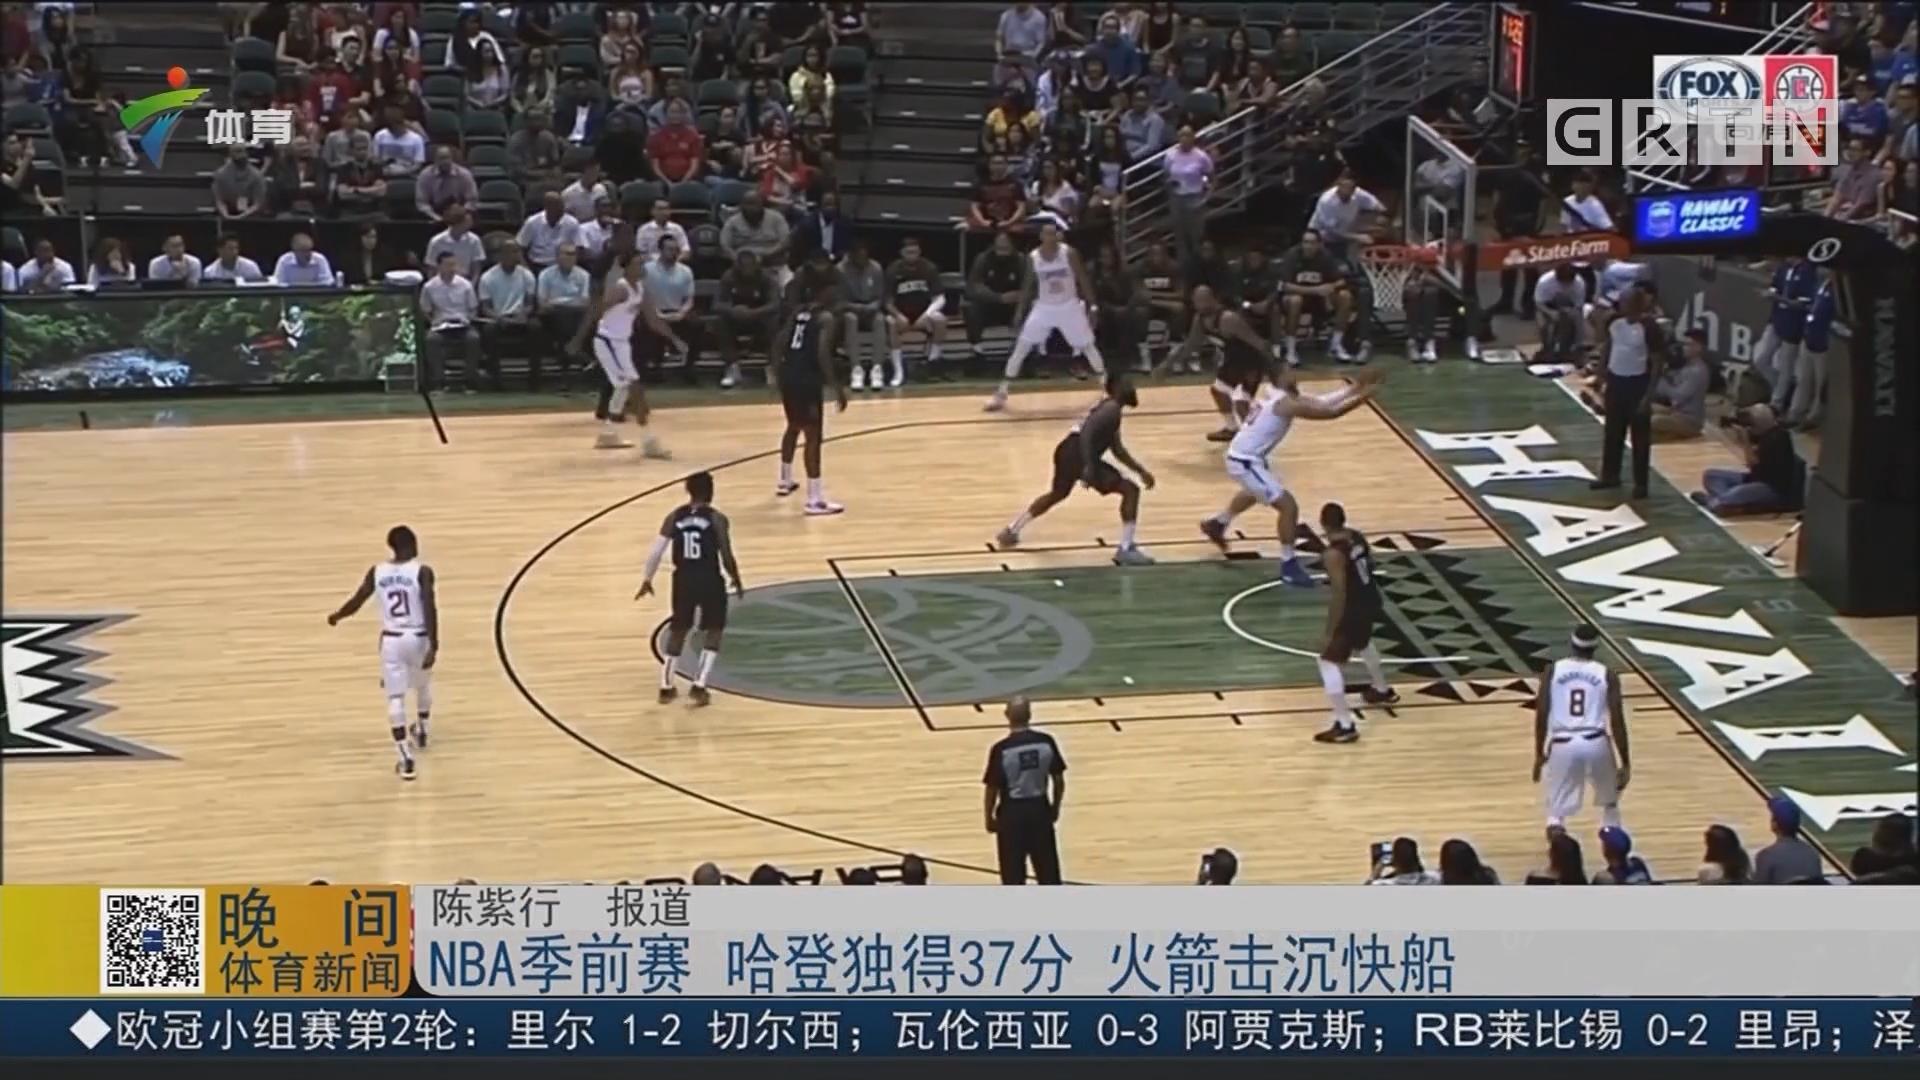 NBA季前賽 哈登獨得37分 火箭擊沉快船